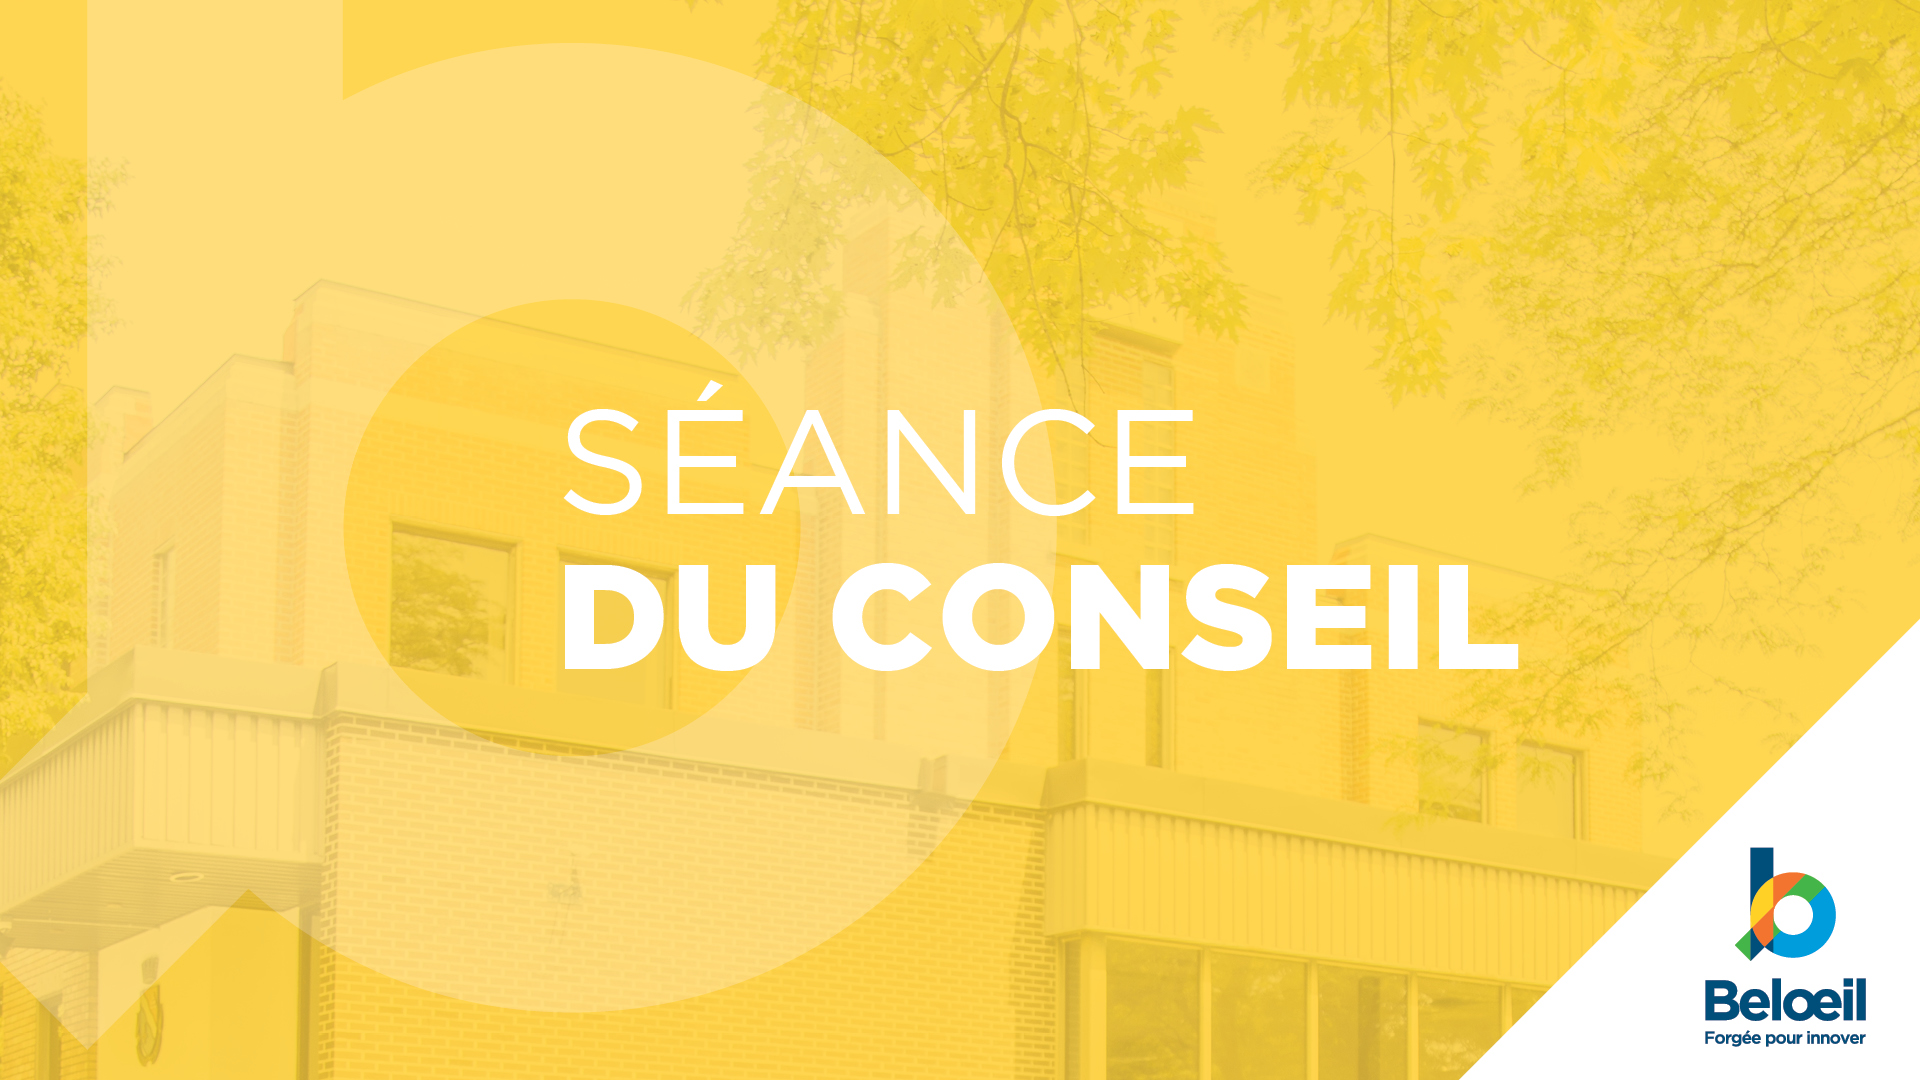 Conseils de ville de Beloeil